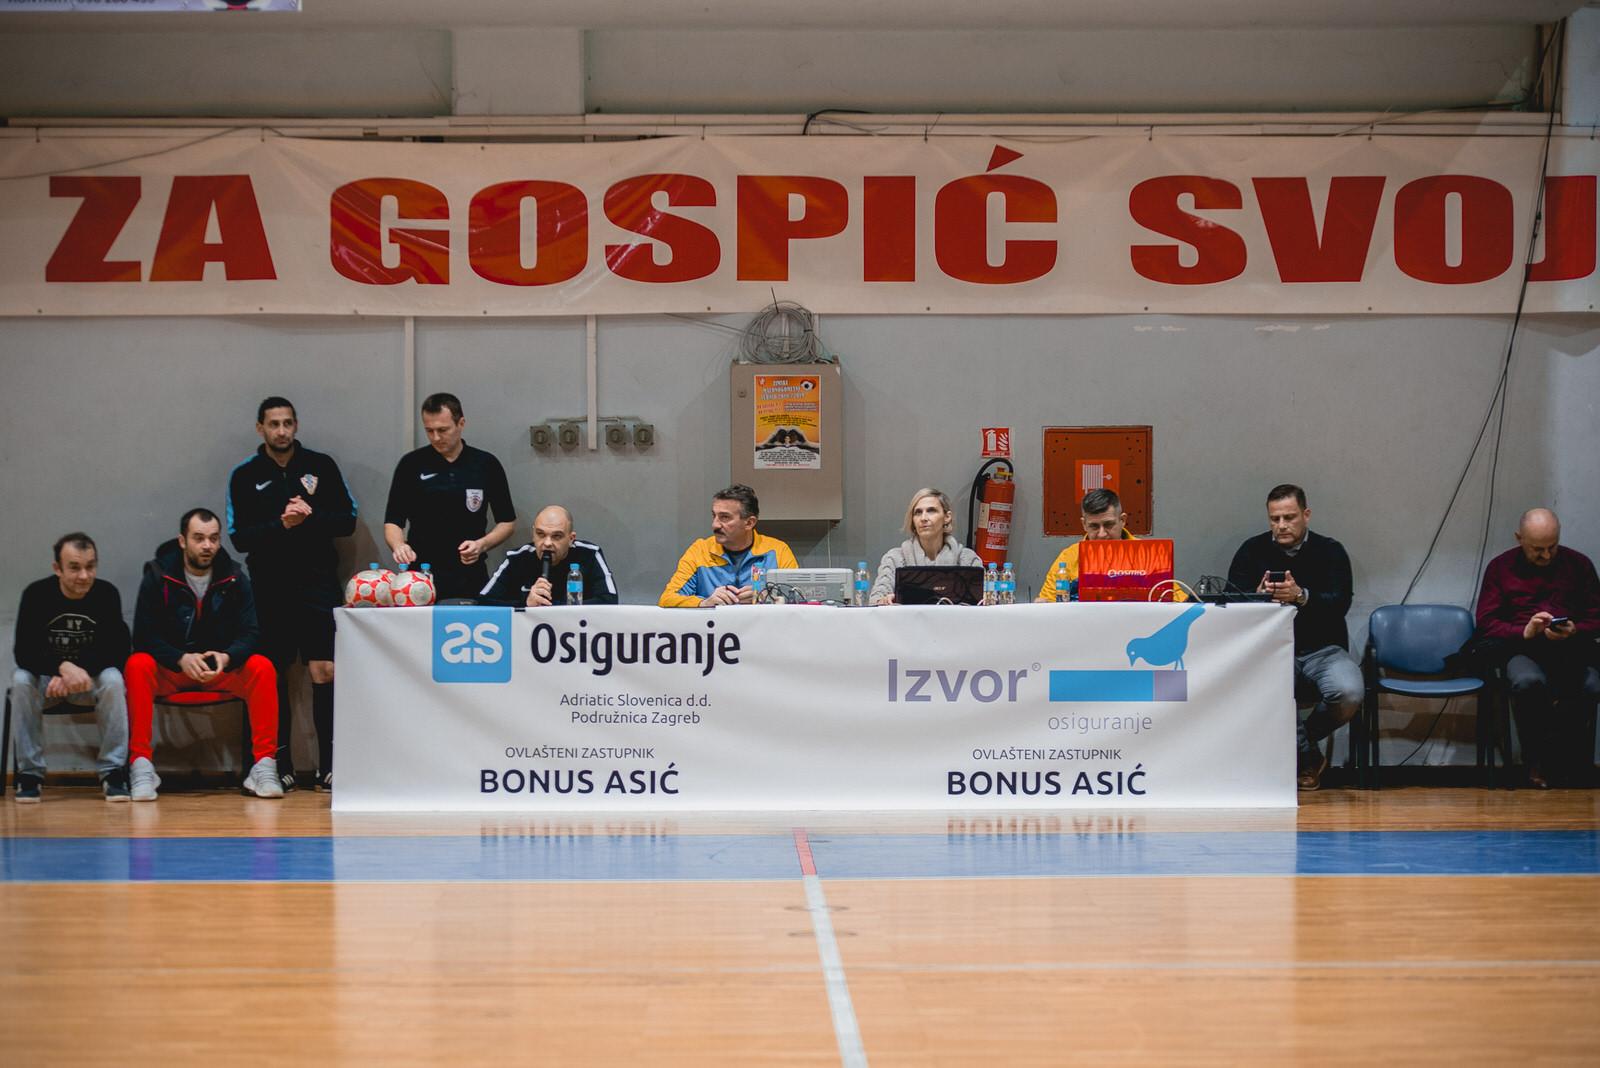 likaclub_gospić_zimski-malonogometni-turnir-2018-19-14